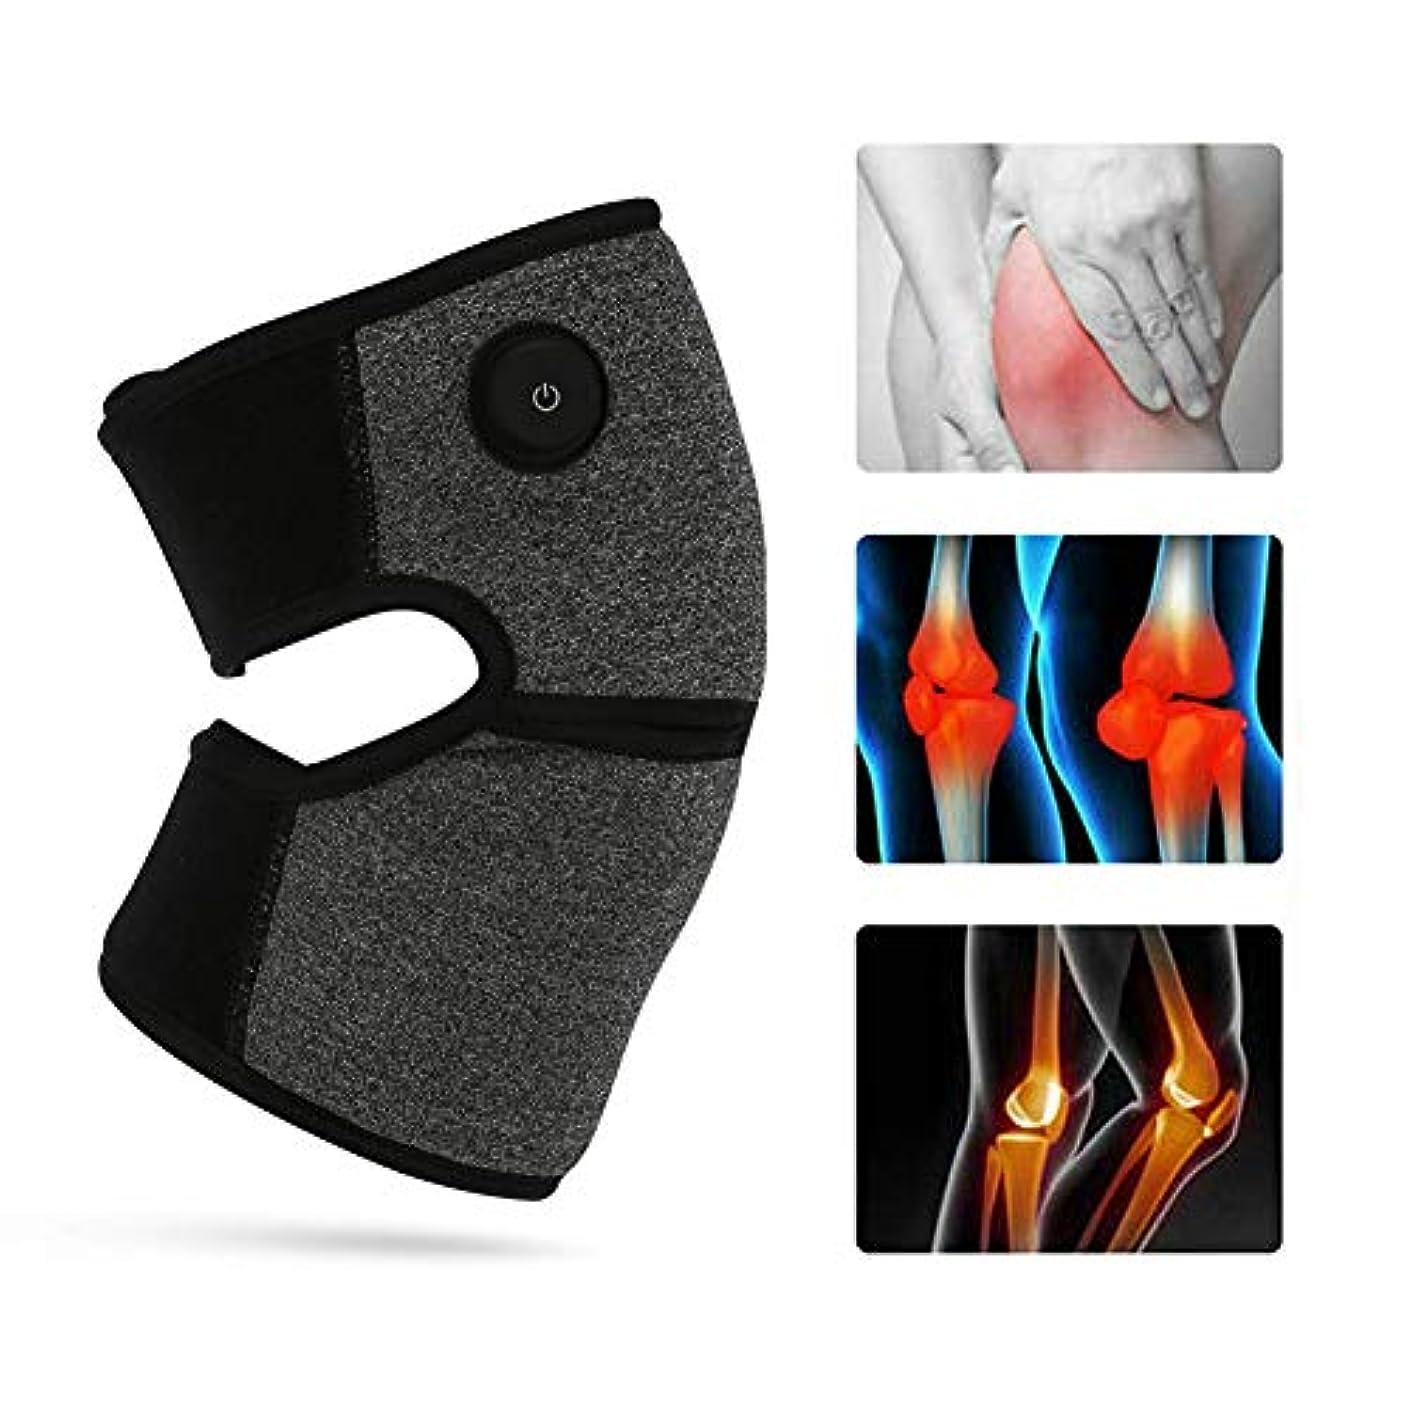 四分円有名な傾く膝関節炎のための3ファイル温度加熱膝装具療法ホット圧縮による電気加熱膝ラップサポート,2pcs